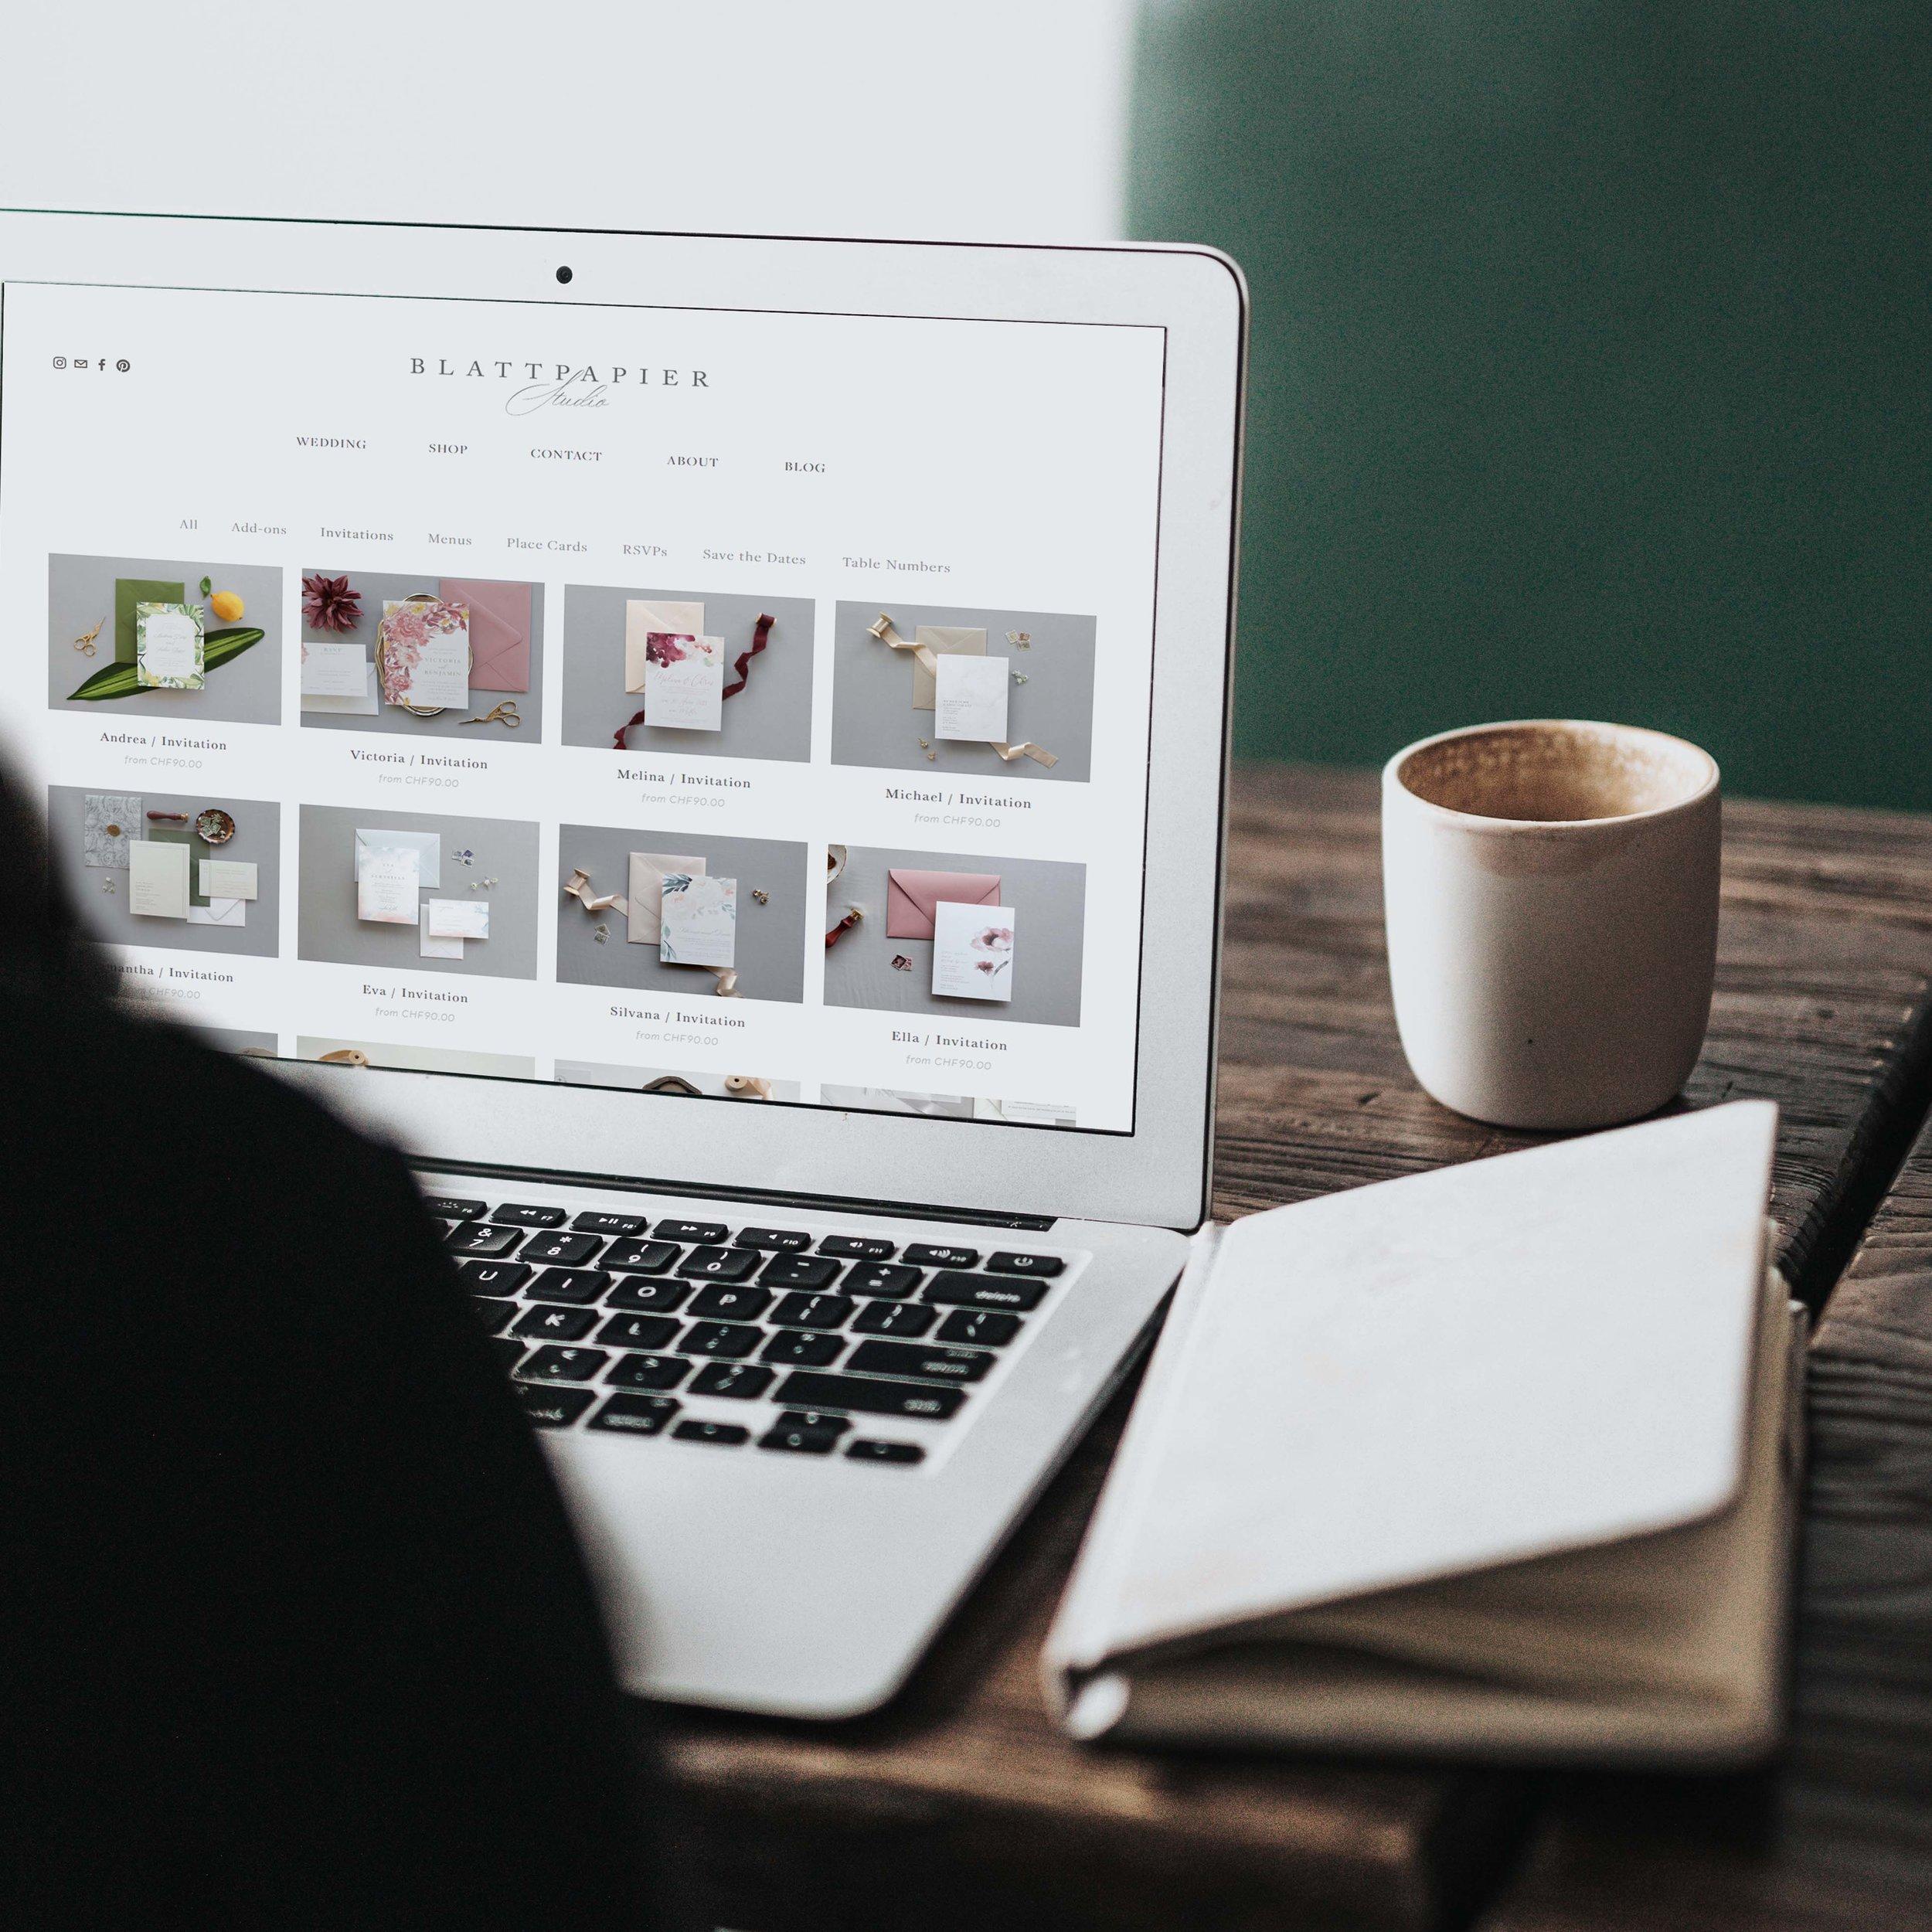 BSwebsite.jpg